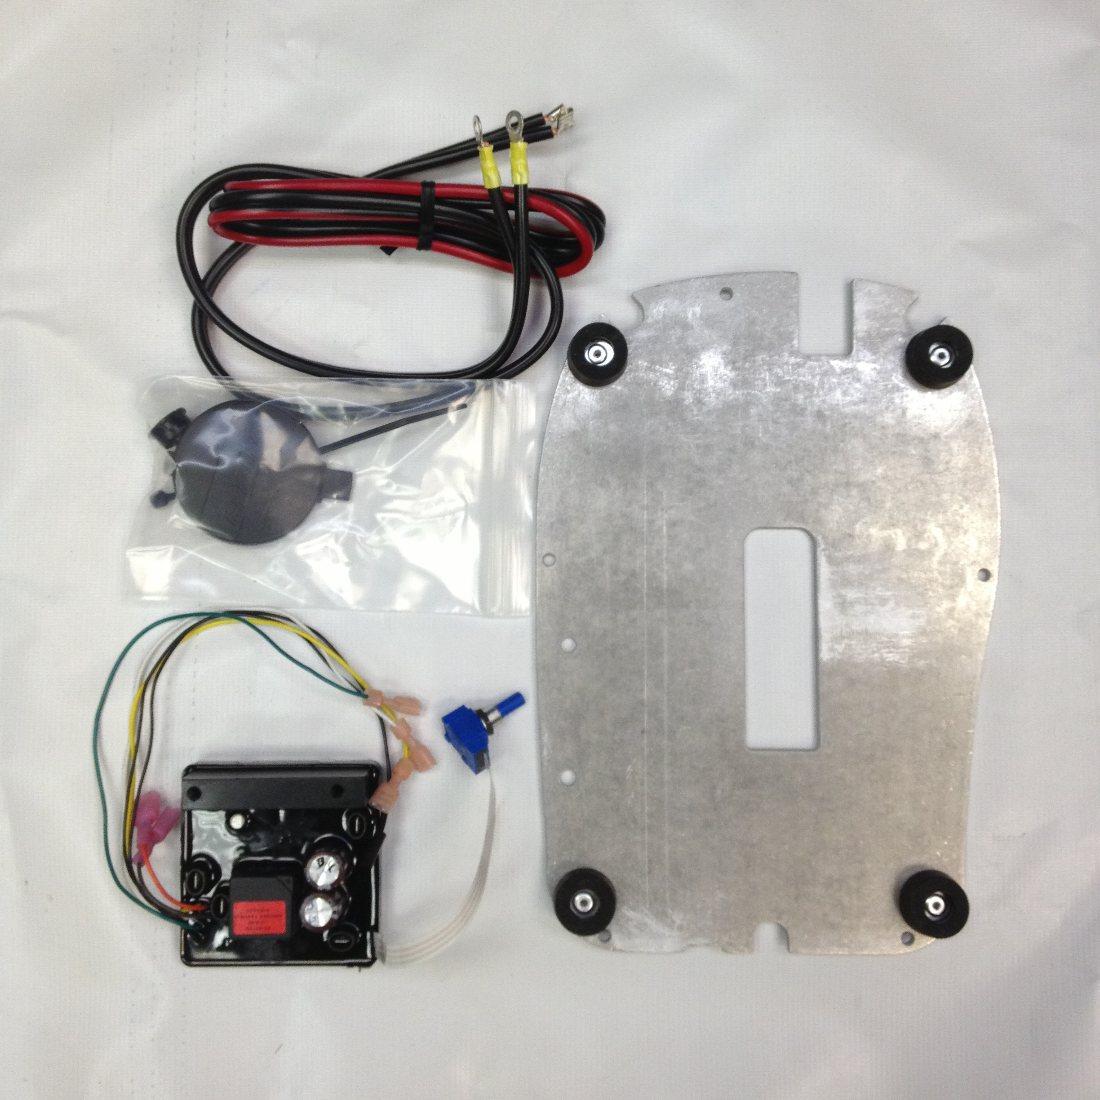 minn kota trolling motor wiring harness minn kota maxxum board upgrade switch kit parts trolling motor  minn kota maxxum board upgrade switch